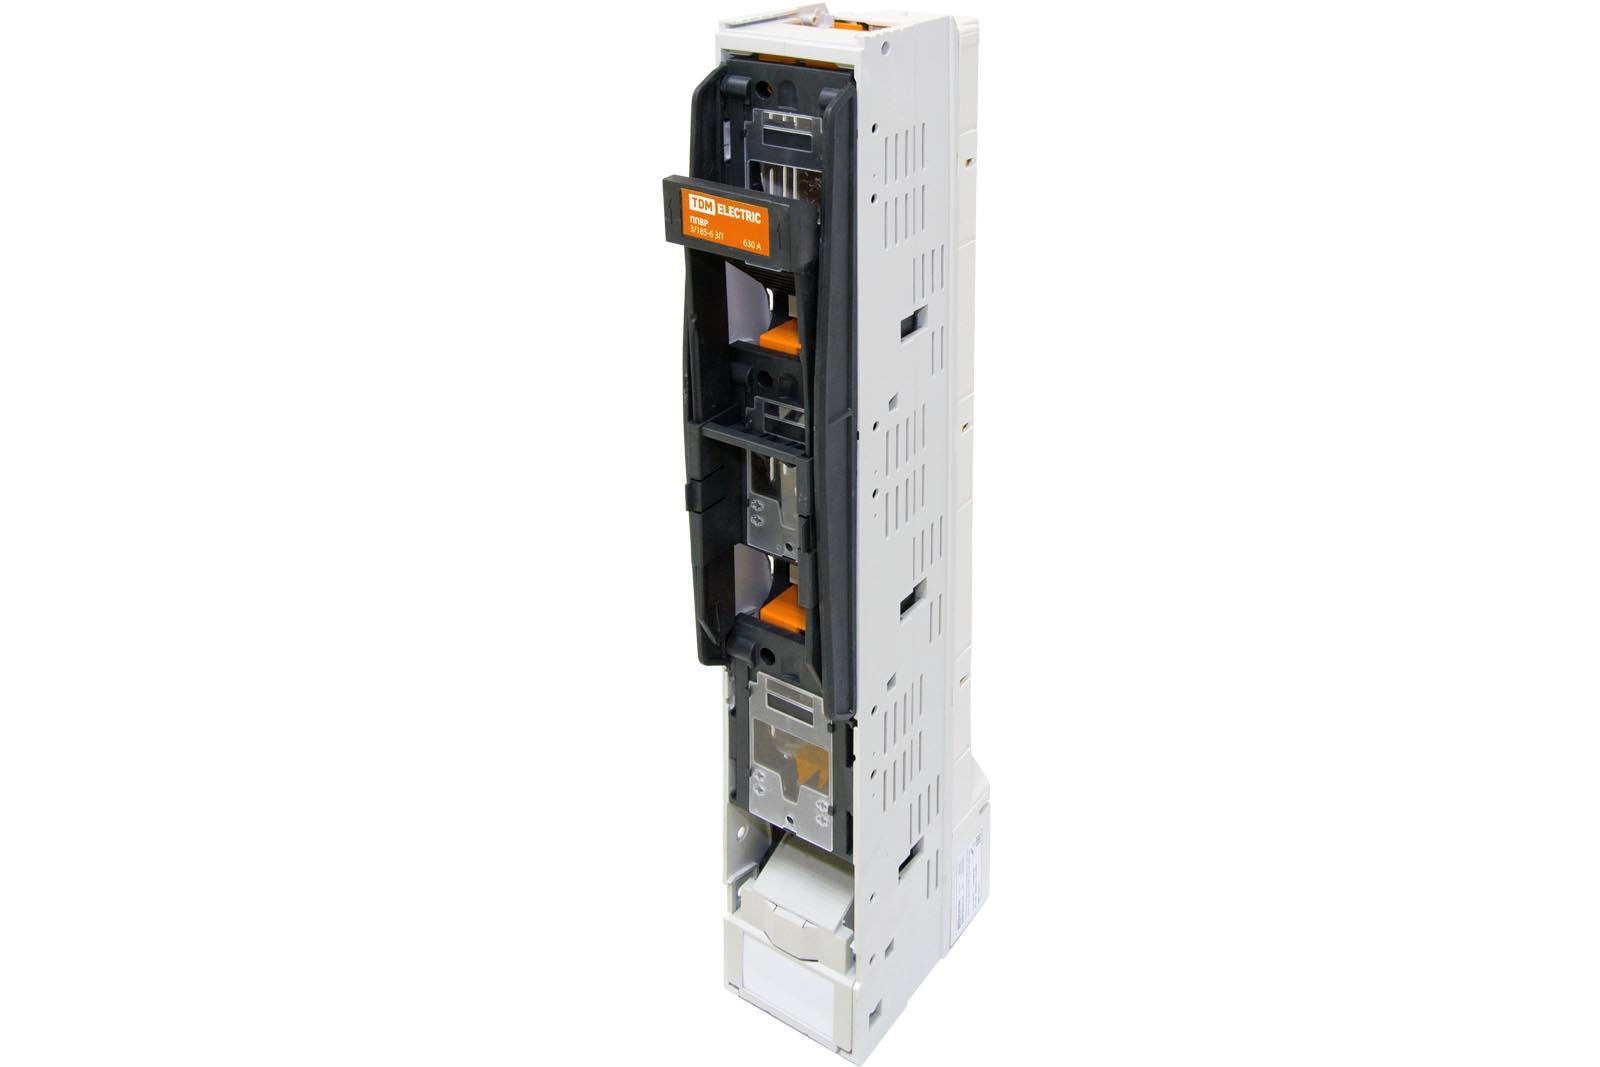 Фото Планочный выключатель-разъединитель с функцией защиты одна рукоятка ППВР 2/185-6 3П 400A TDM {SQ0726-0112}